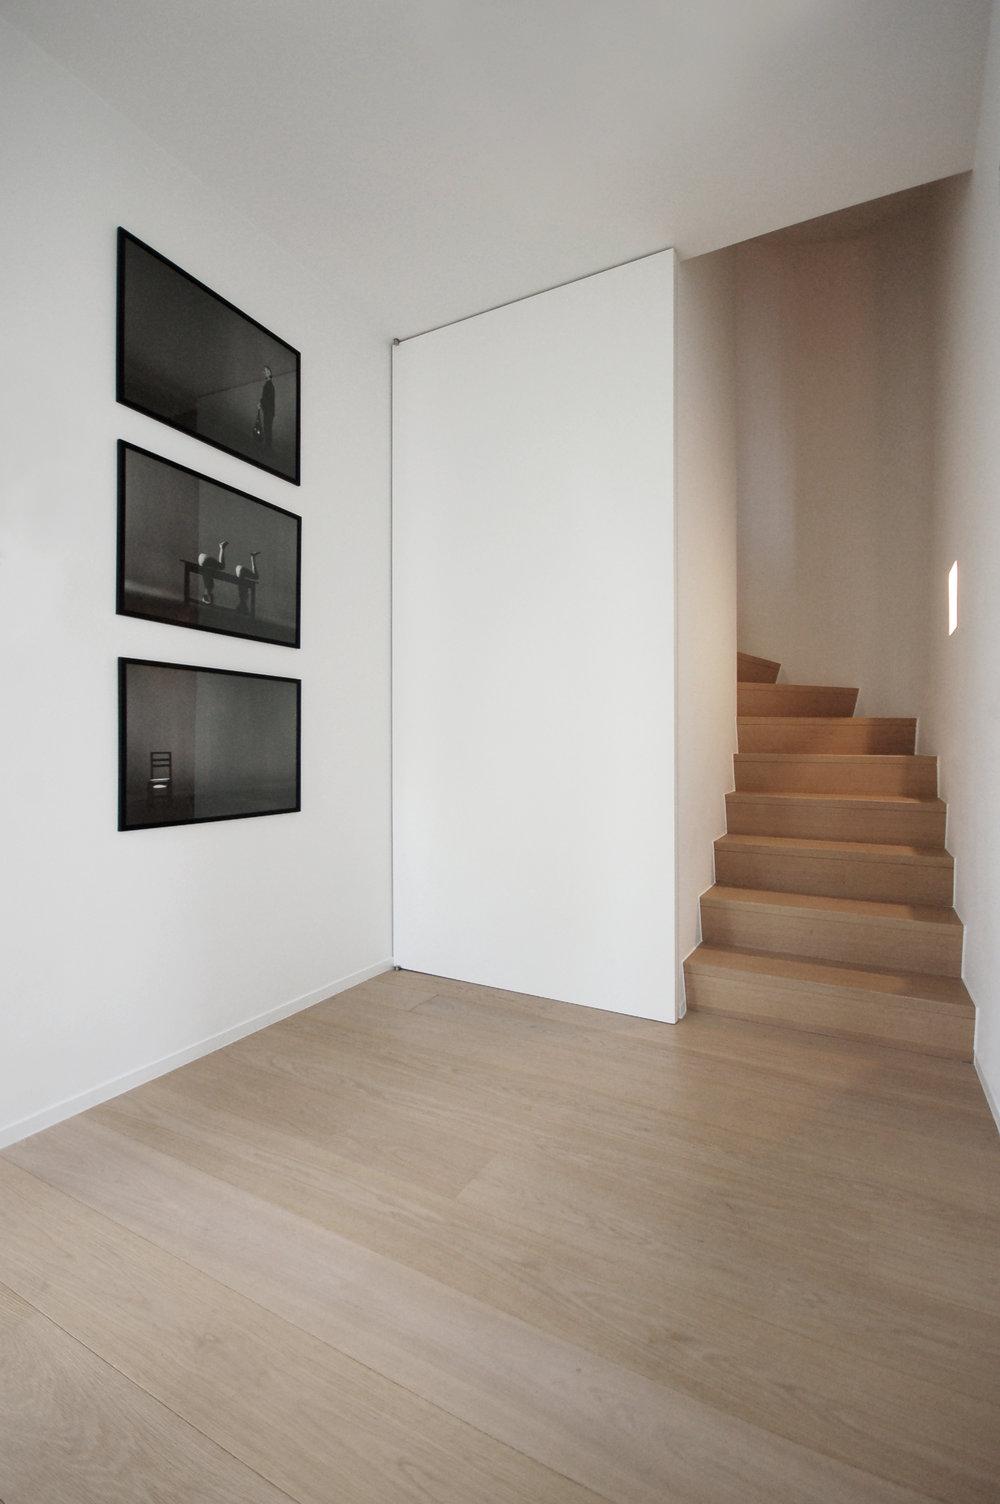 demeestervliegen-architecture-interior-interiorarchitecture-office29.jpg